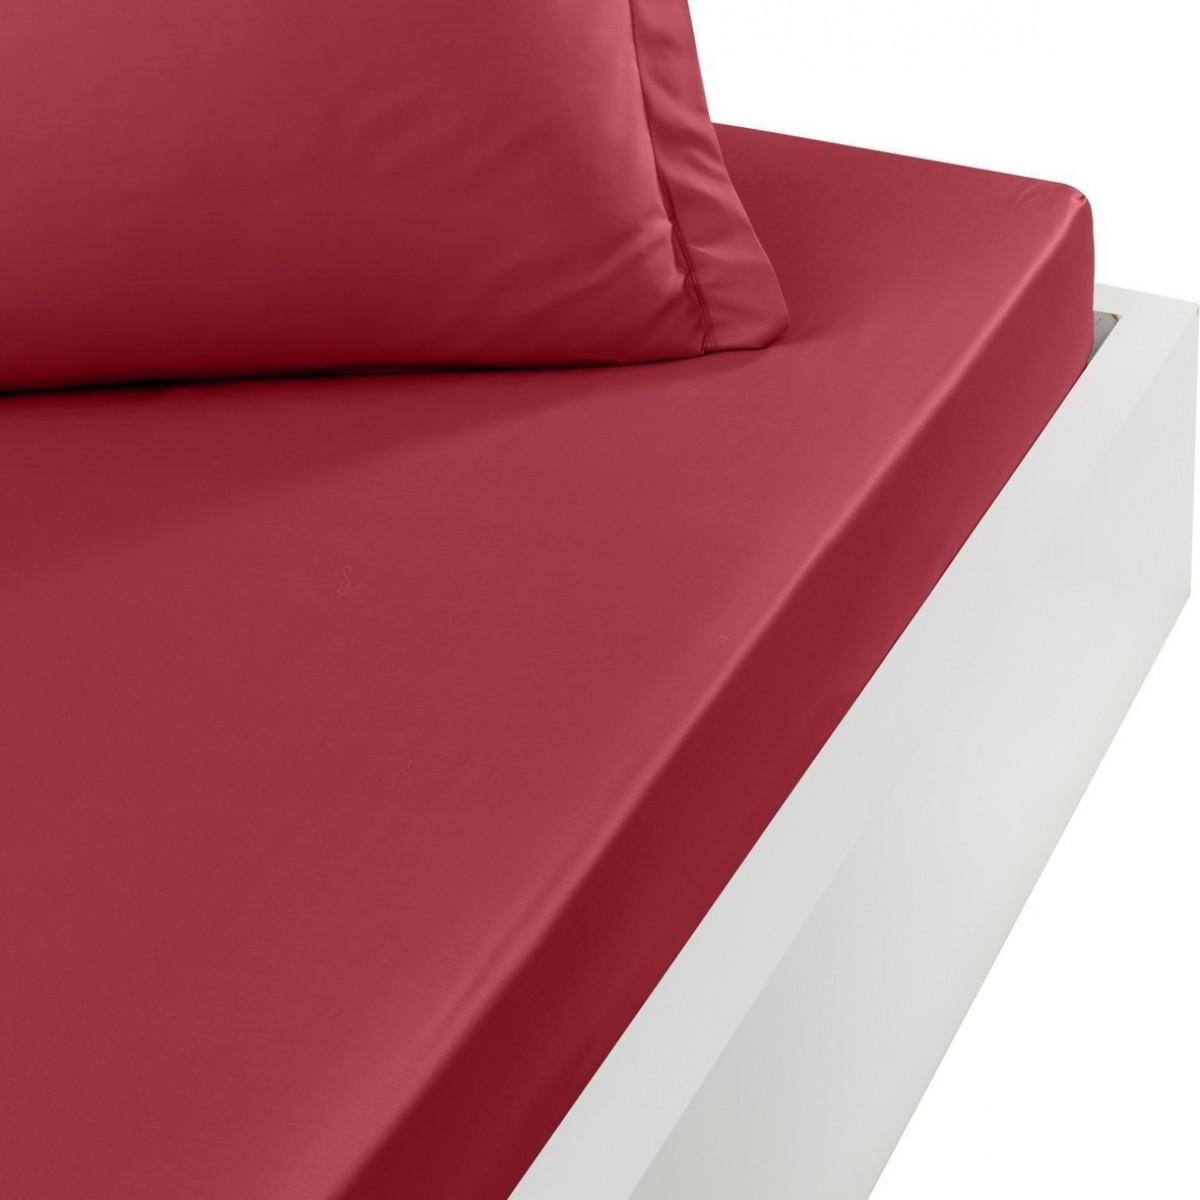 Drap housse en percale de coton bon Cardinal 90x190 cm